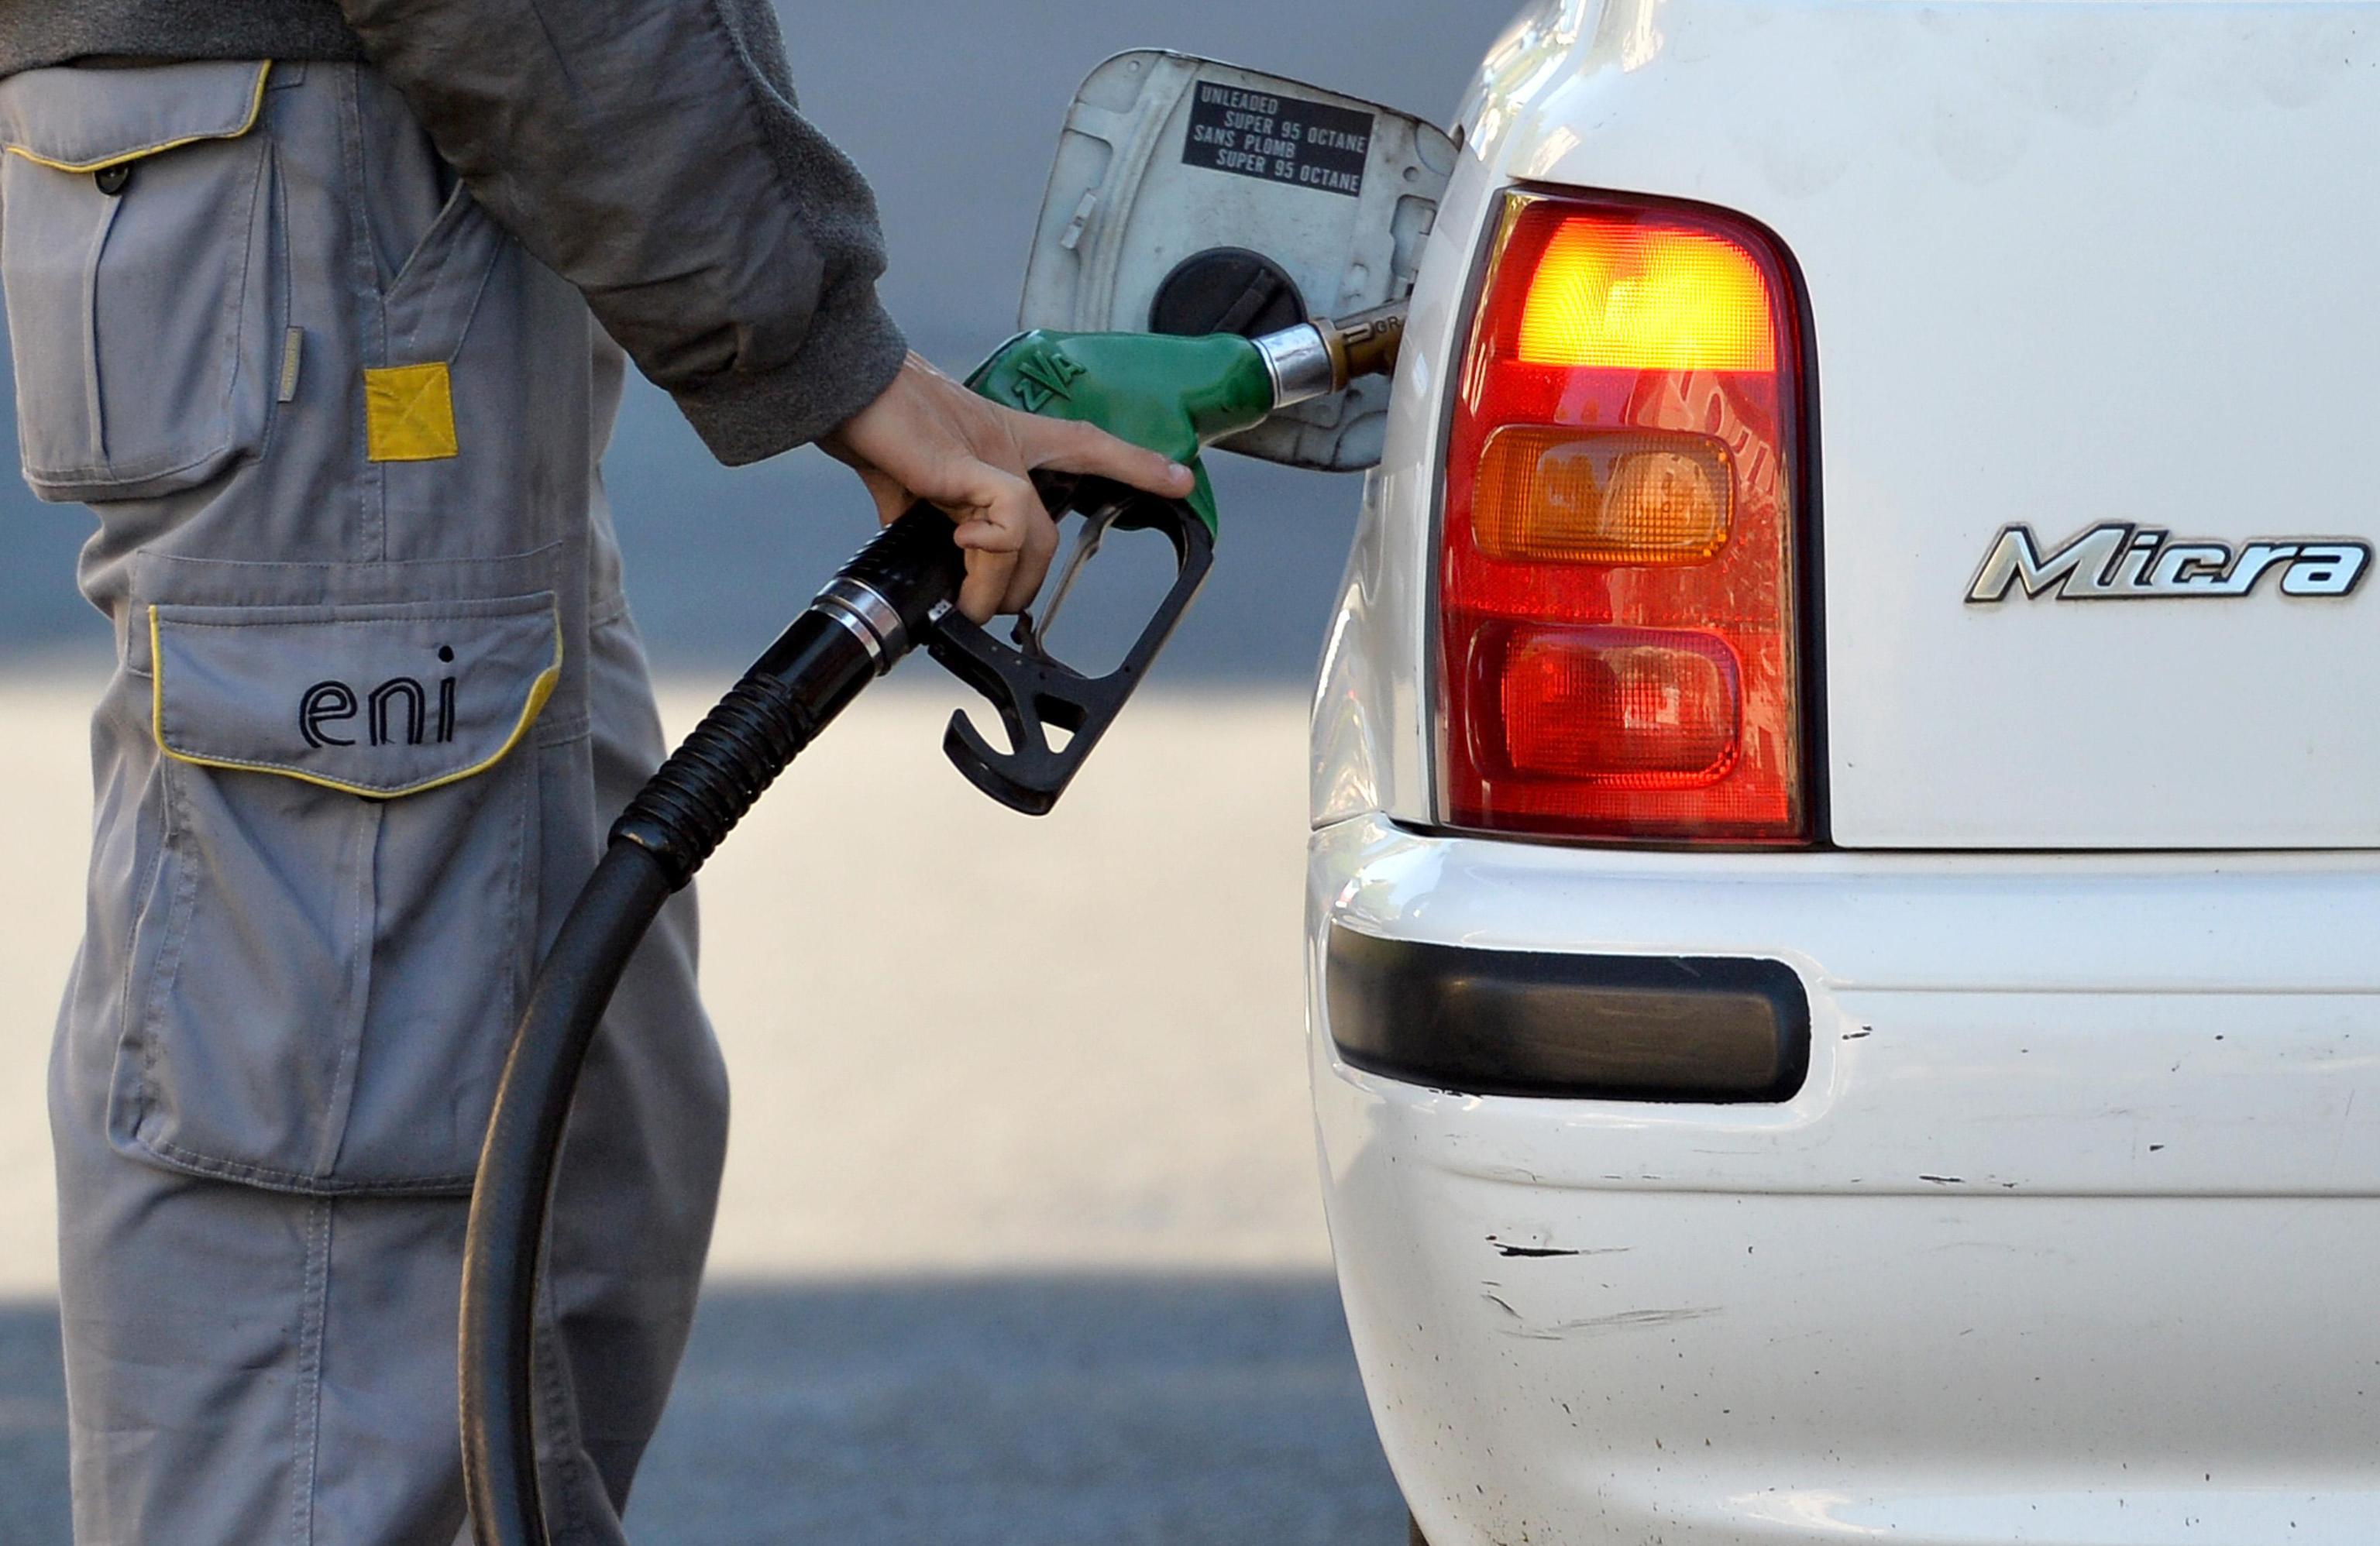 Come risparmiare benzina: i trucchi per pagare meno il carburante